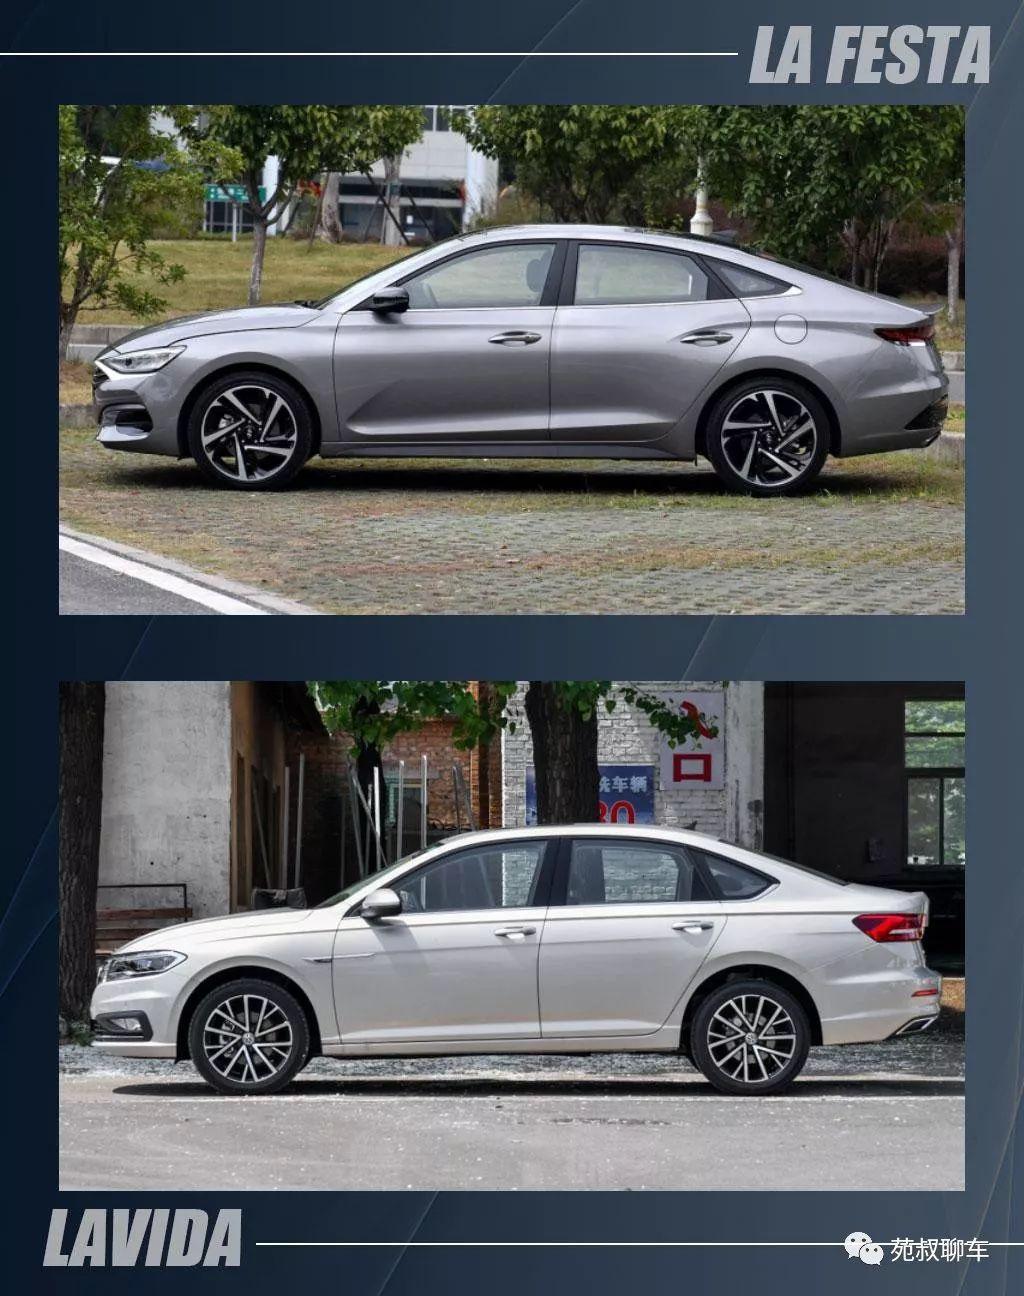 朗逸和菲斯塔,这两个车到底应该选哪个